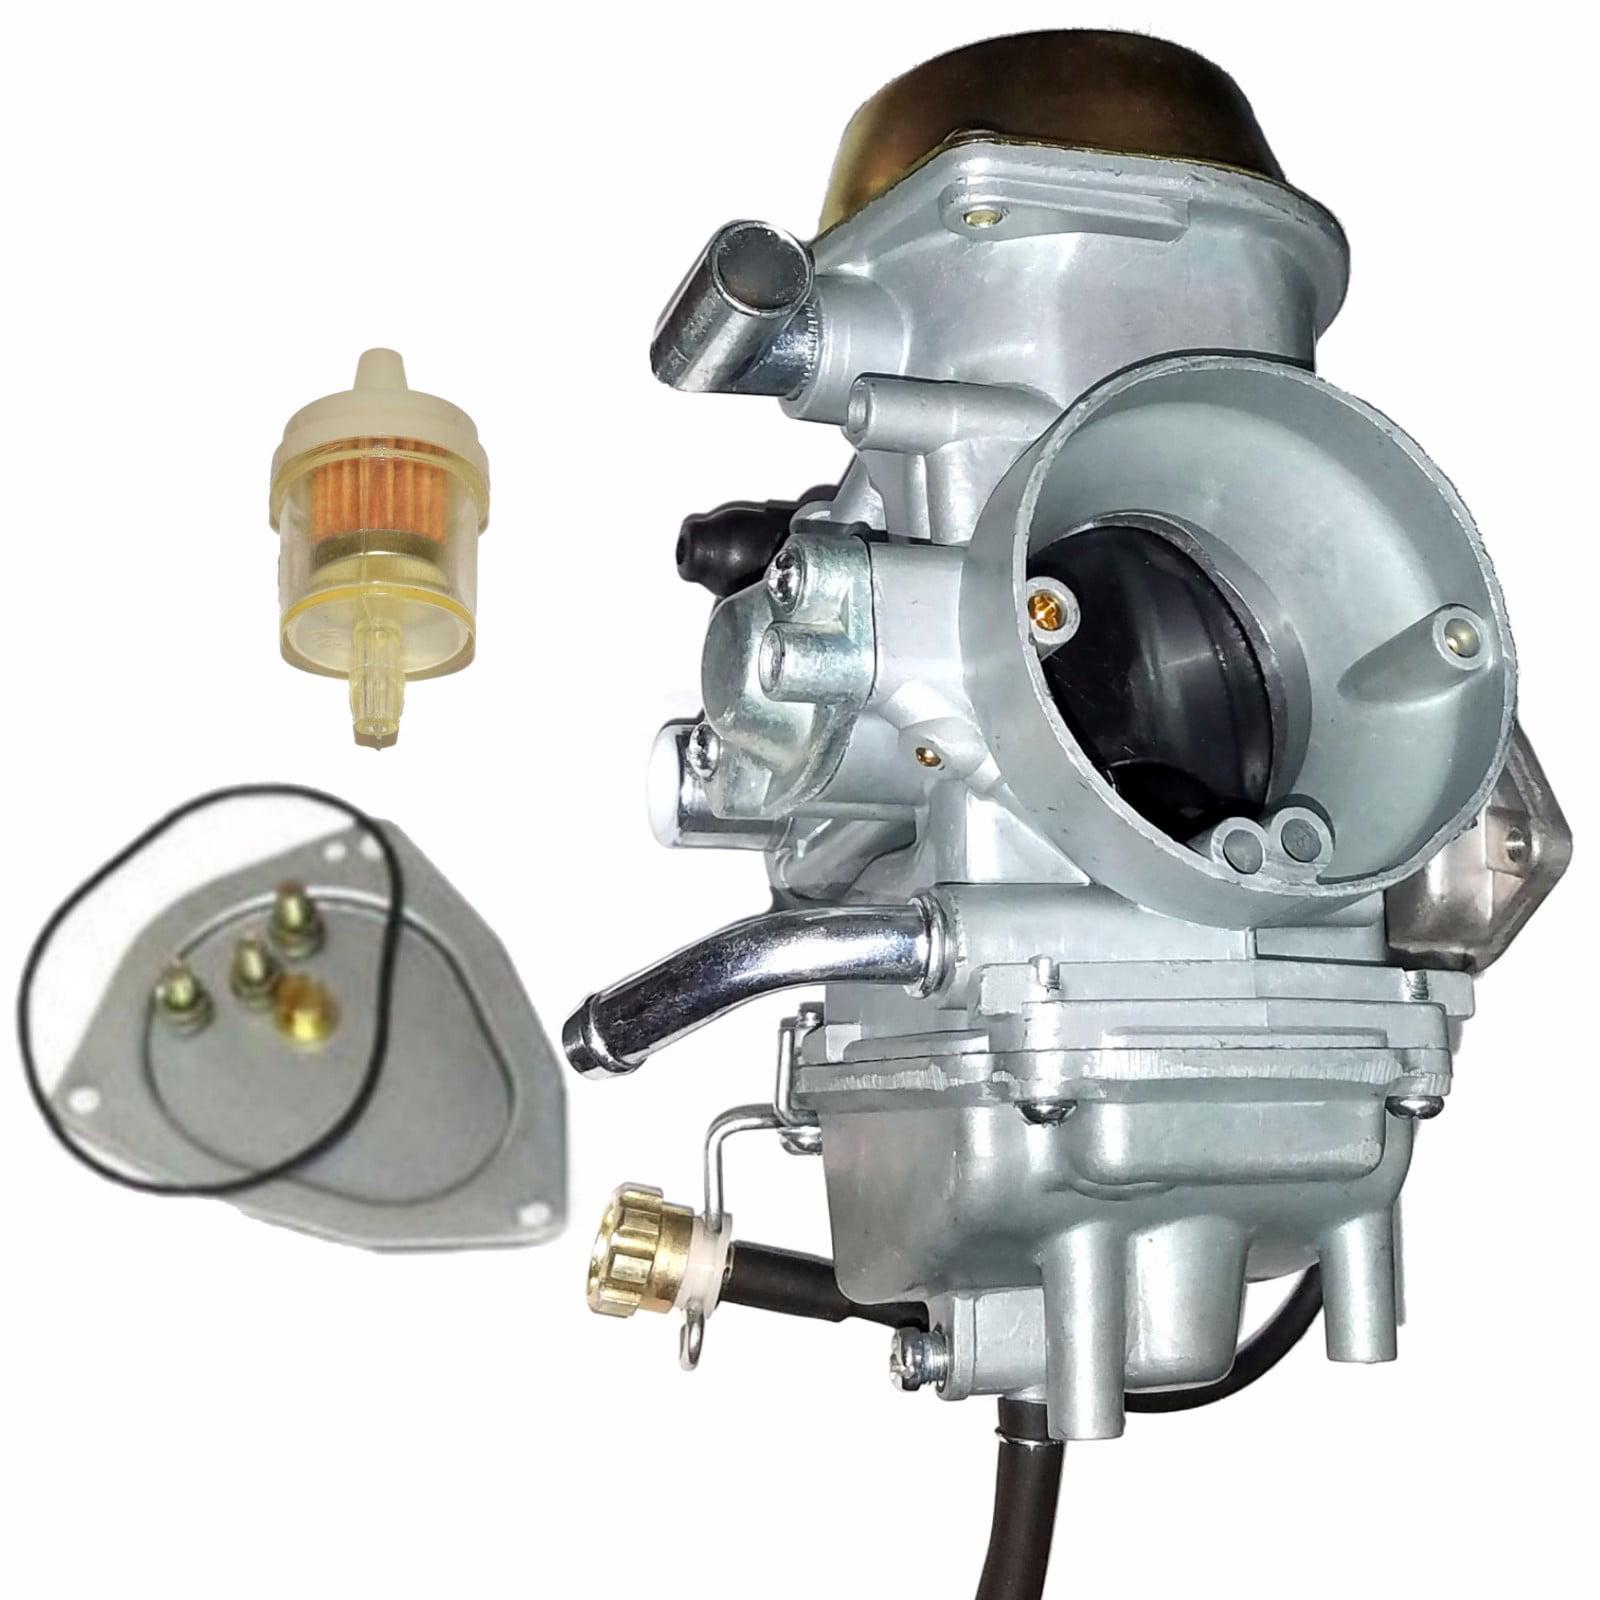 Carburetor For Polaris Outlaw 500 2006-2007